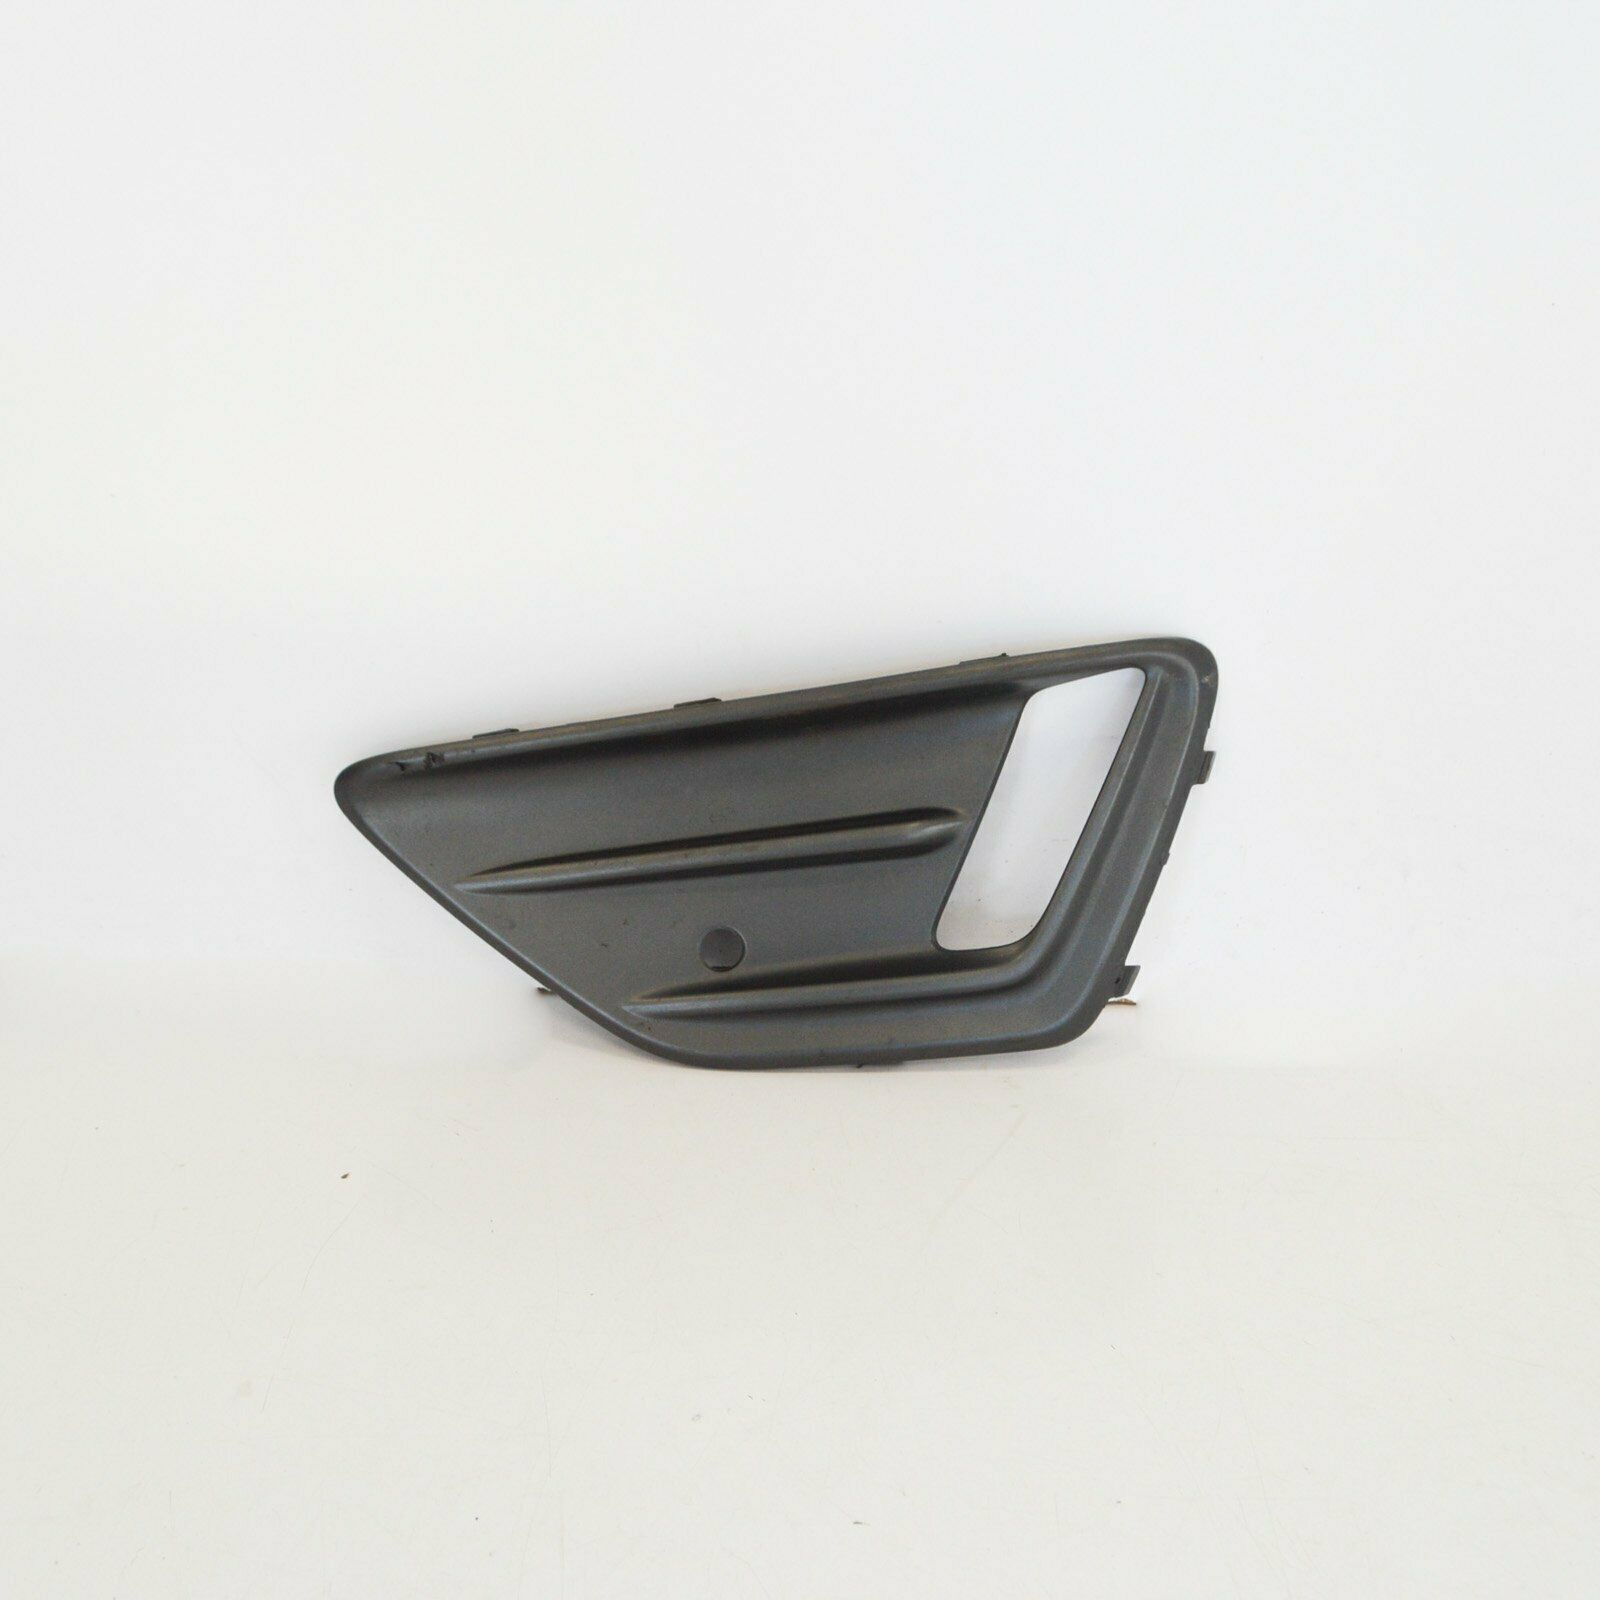 Ala delantero protección contra salpicaduras de revestimiento de arco completo Izquierda N//S Volvo Xc60 2009-2013 Nuevo